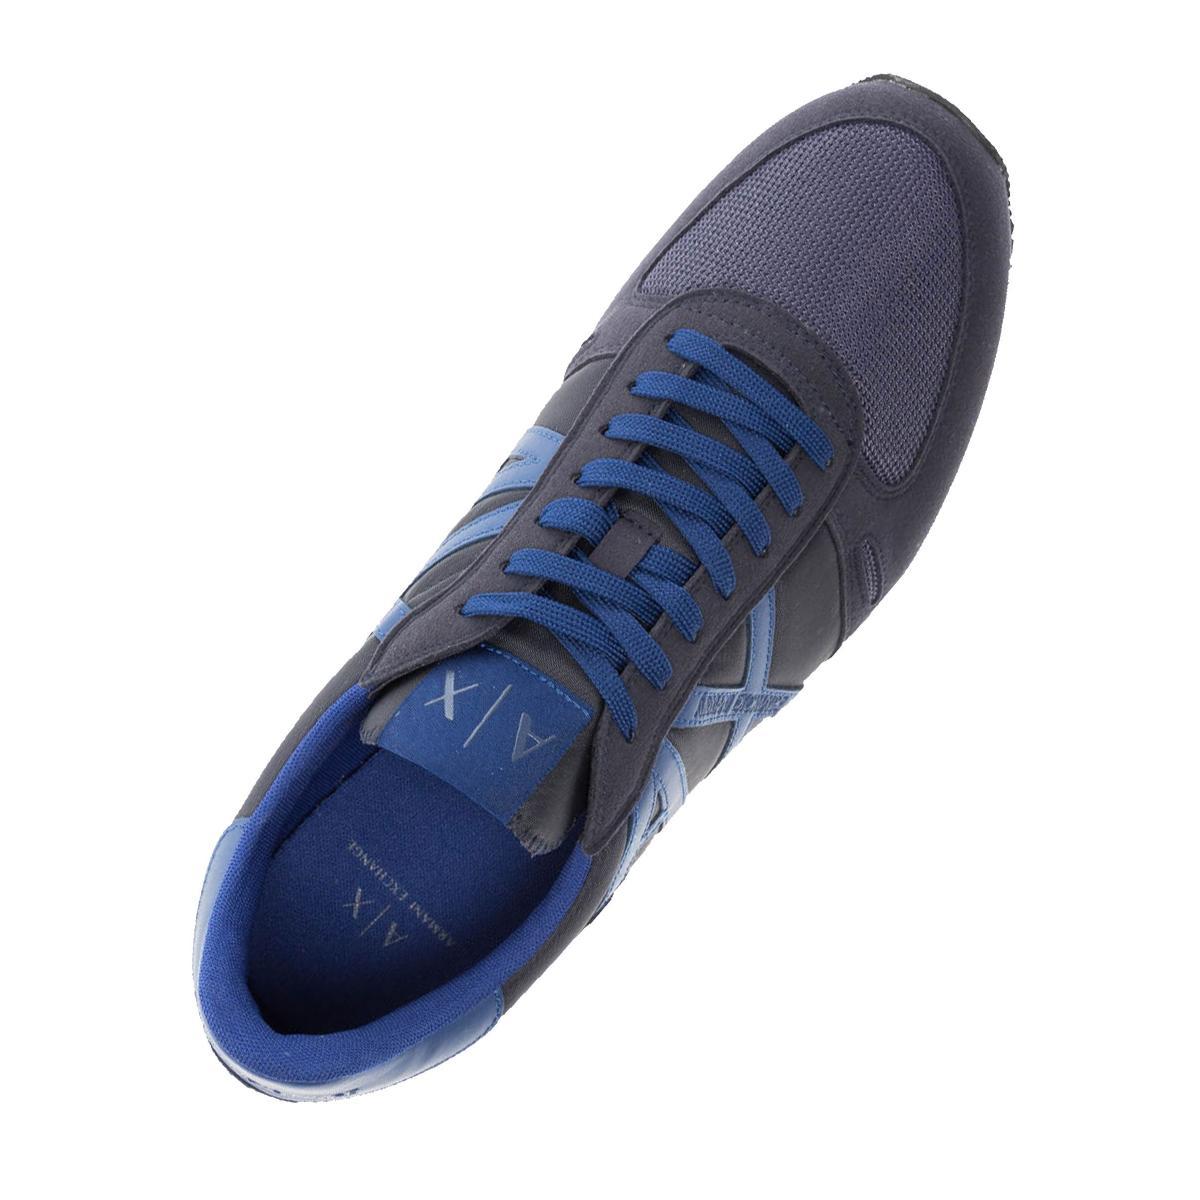 Scarpe da uomo Armani Exchange colore Blu con inserti in camoscio XUX017 XV028